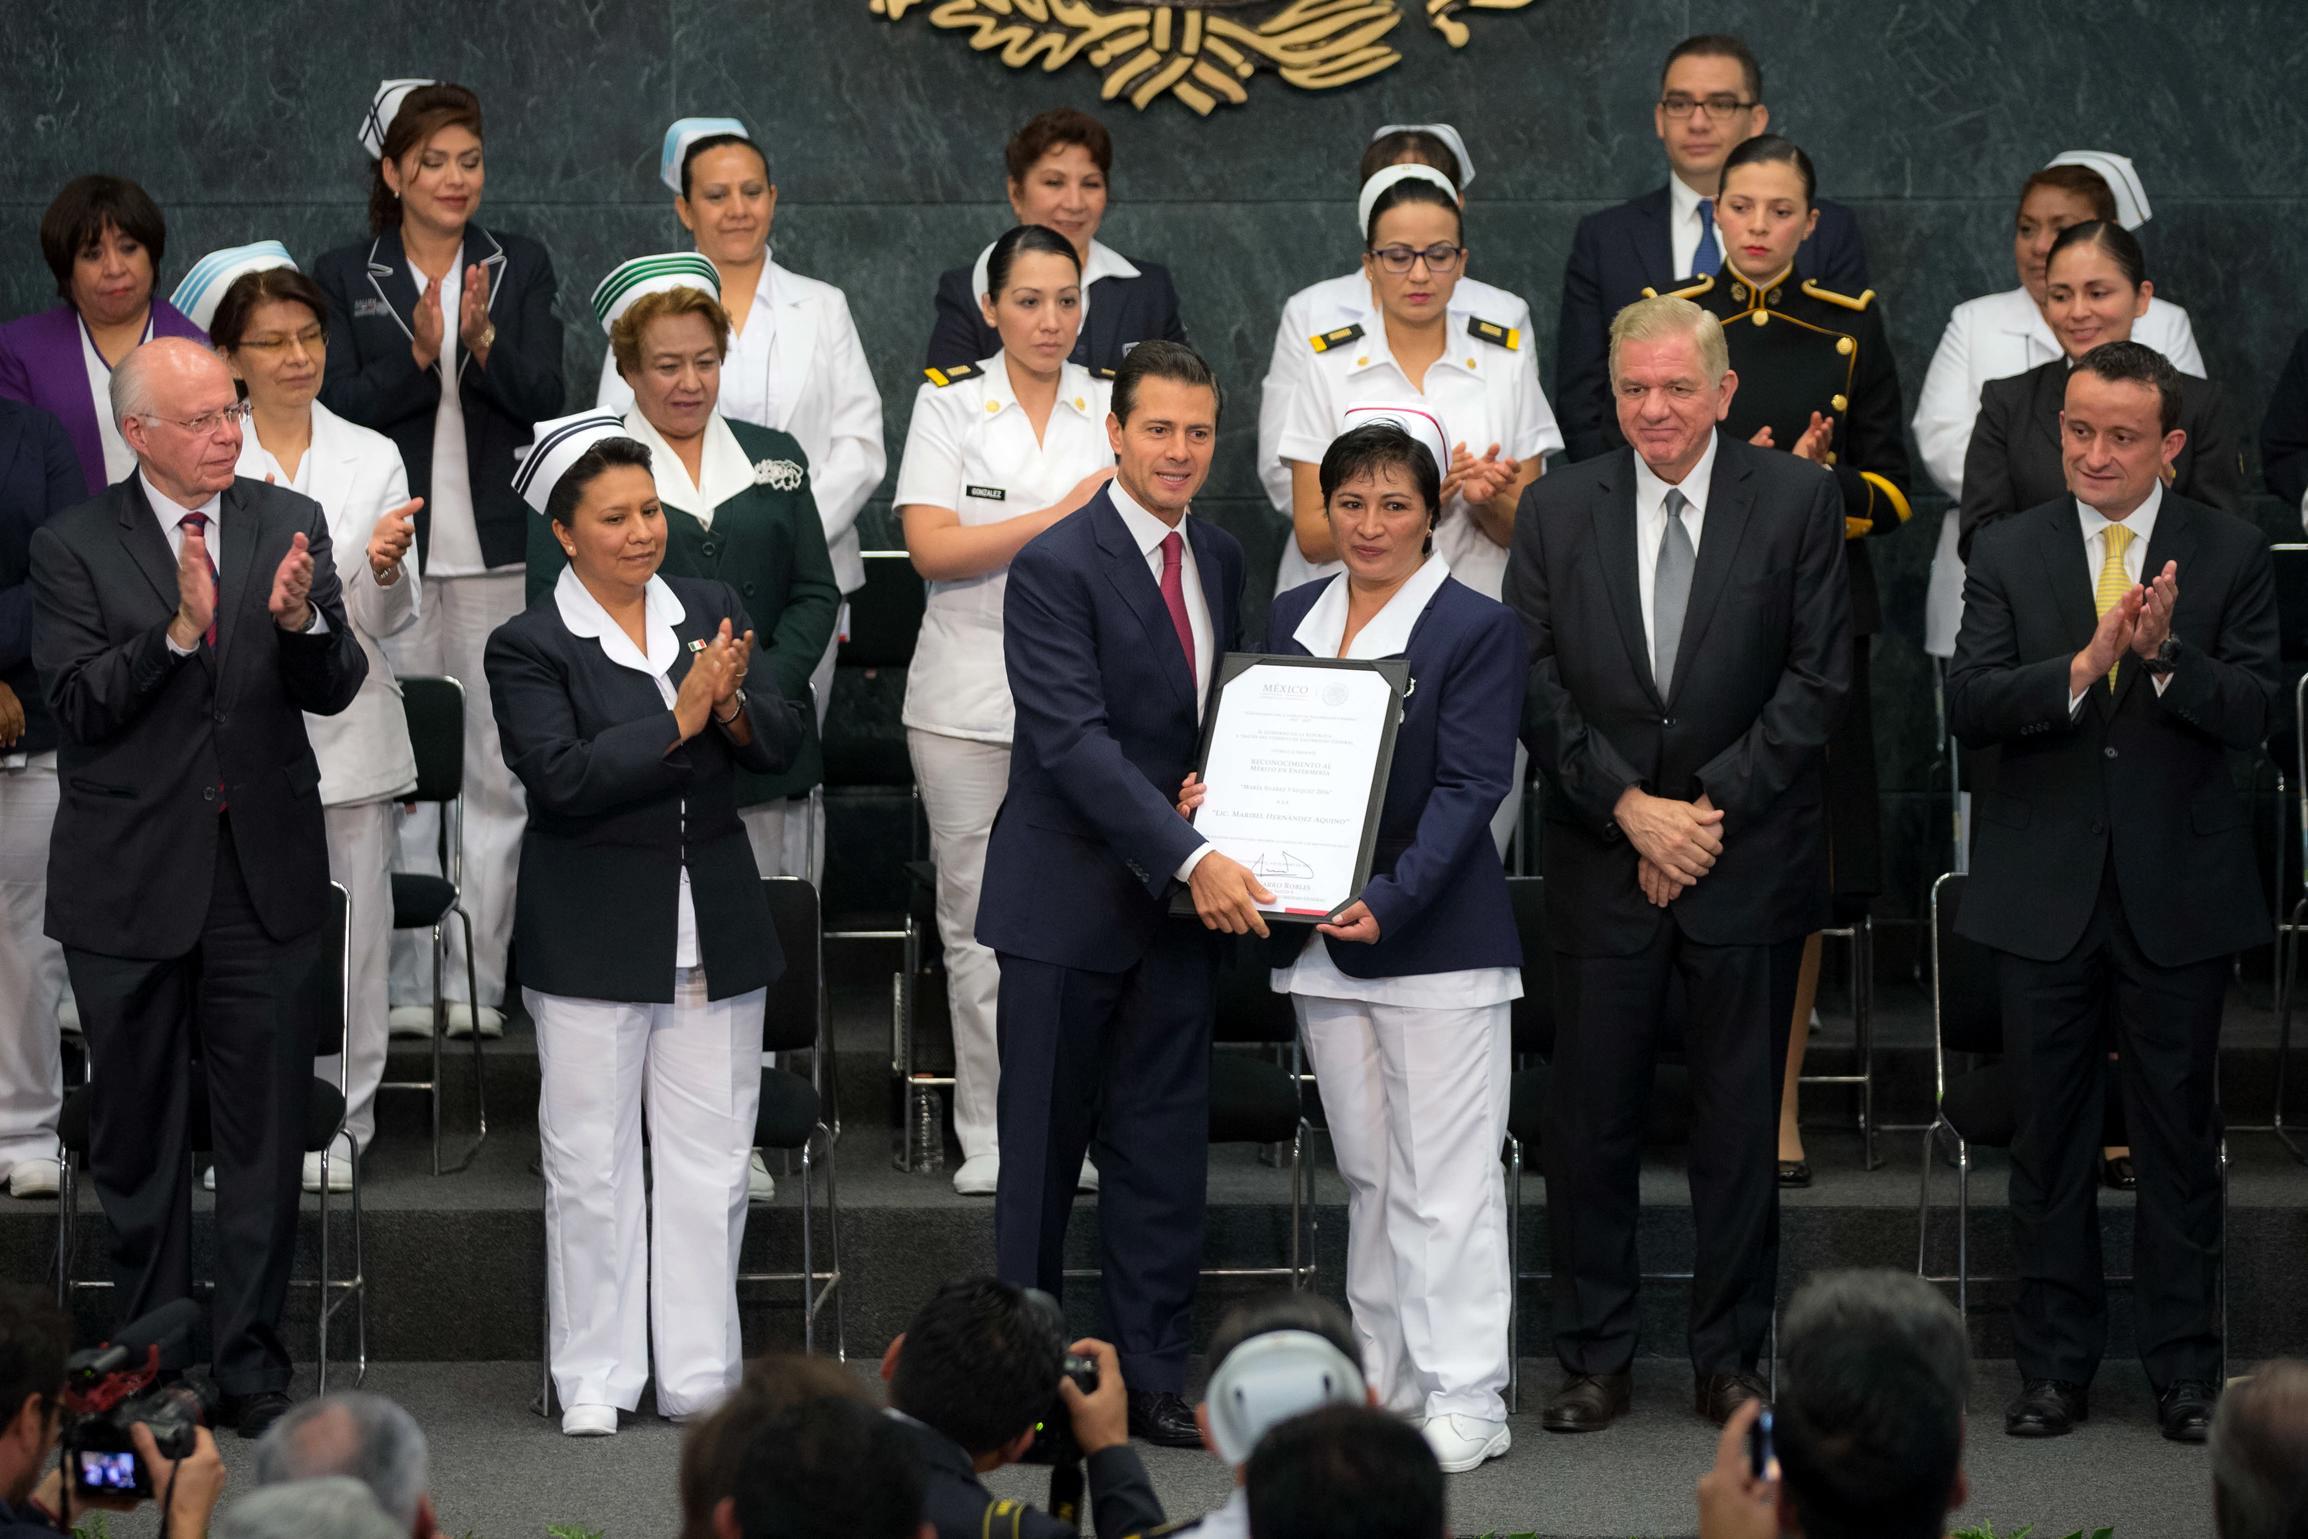 La enfermería mexicana ha tenido grandes avances, tanto en la profesionalización como en el número de enfermeras que dan respuesta a las necesidades en salud, desde los cuidados básicos hasta la práctica avanzada.